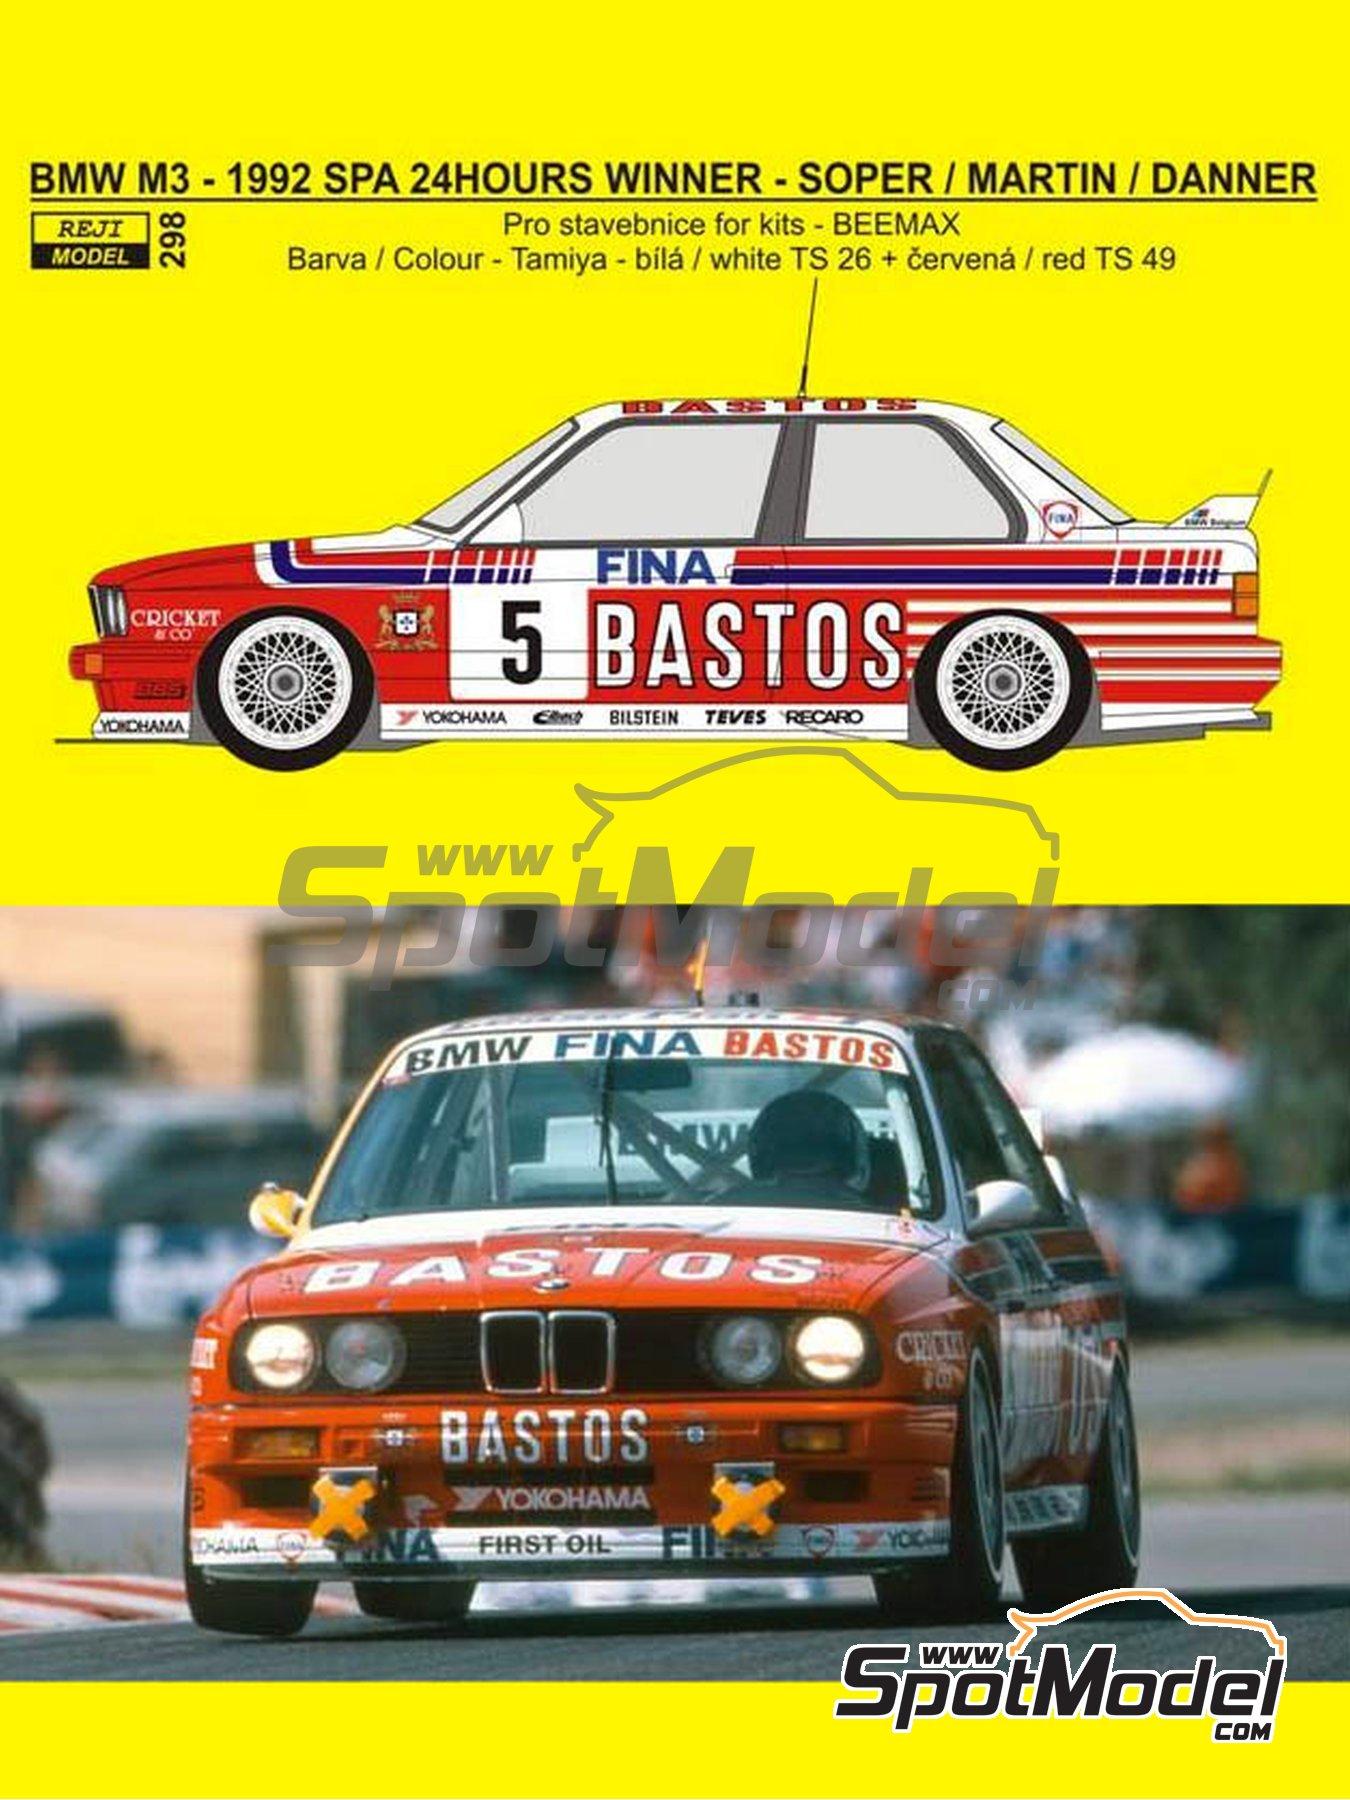 BMW M3 E30 Fina Bastos Team - 24 Horas de SPA Francorchamps 1992 | Decoración en escala1/24 fabricado por Reji Model (ref.REJI-298, tambien 0298) image